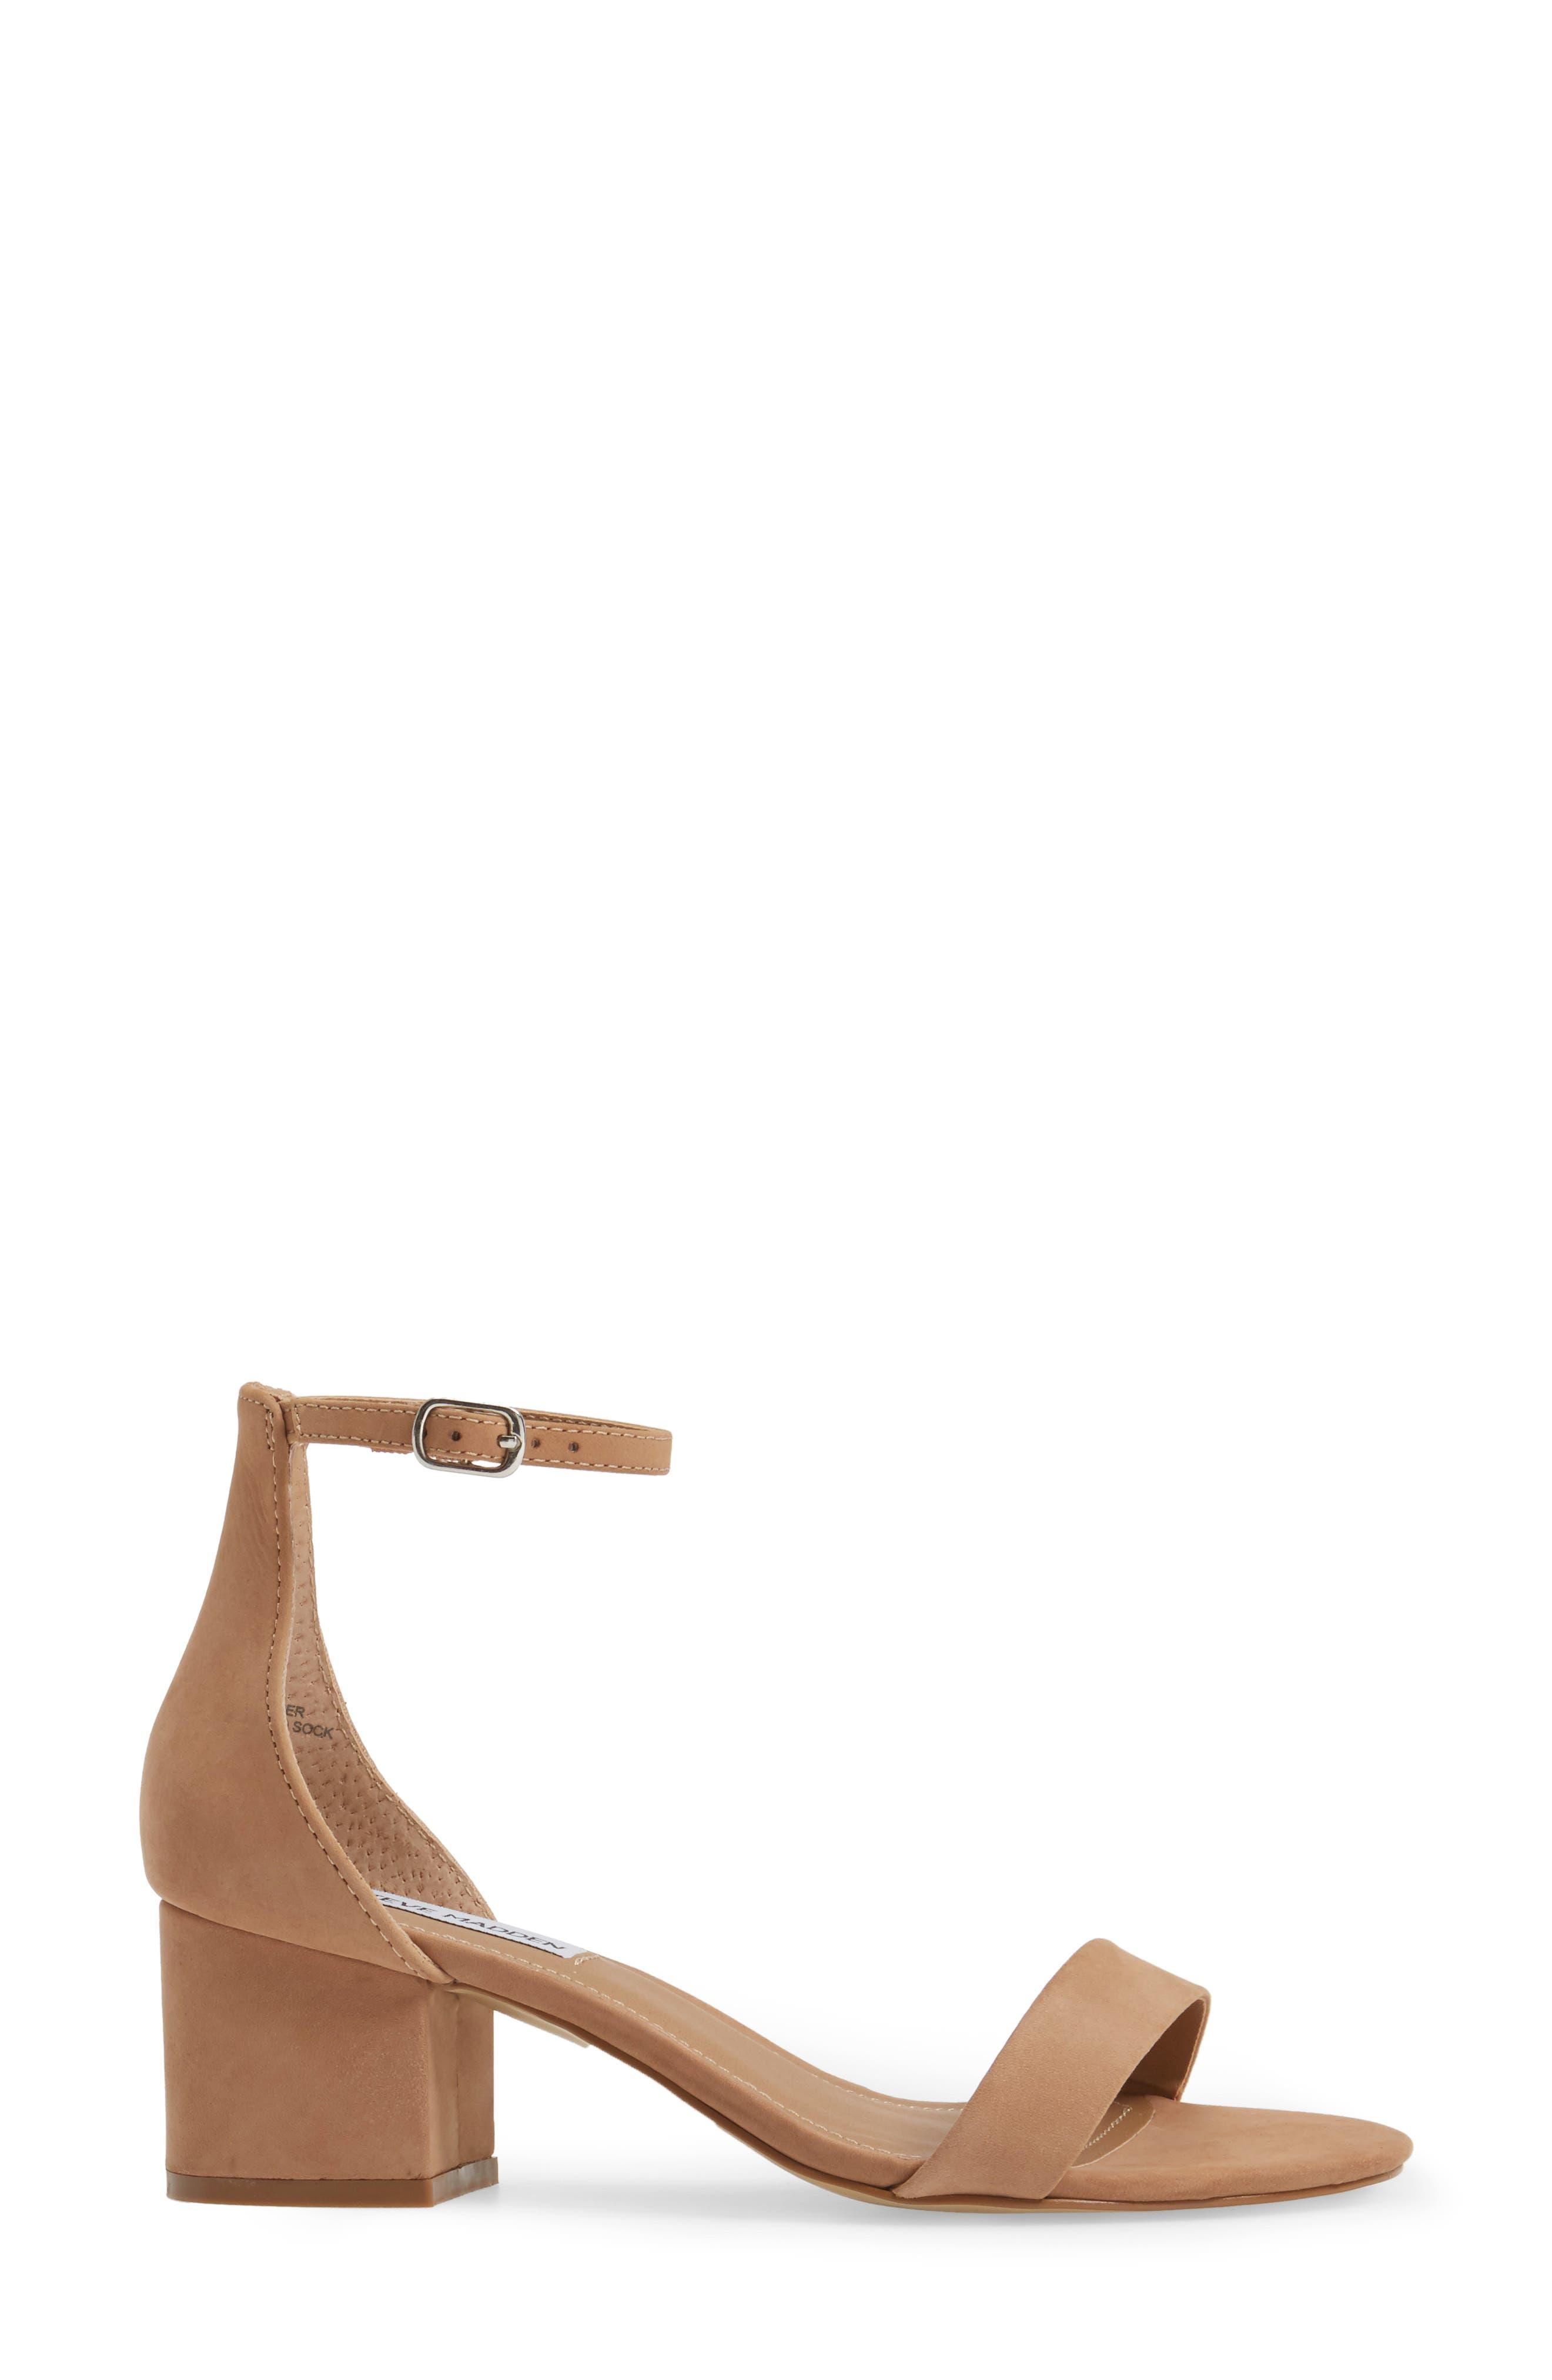 Irenee Ankle Strap Sandal,                             Alternate thumbnail 78, color,